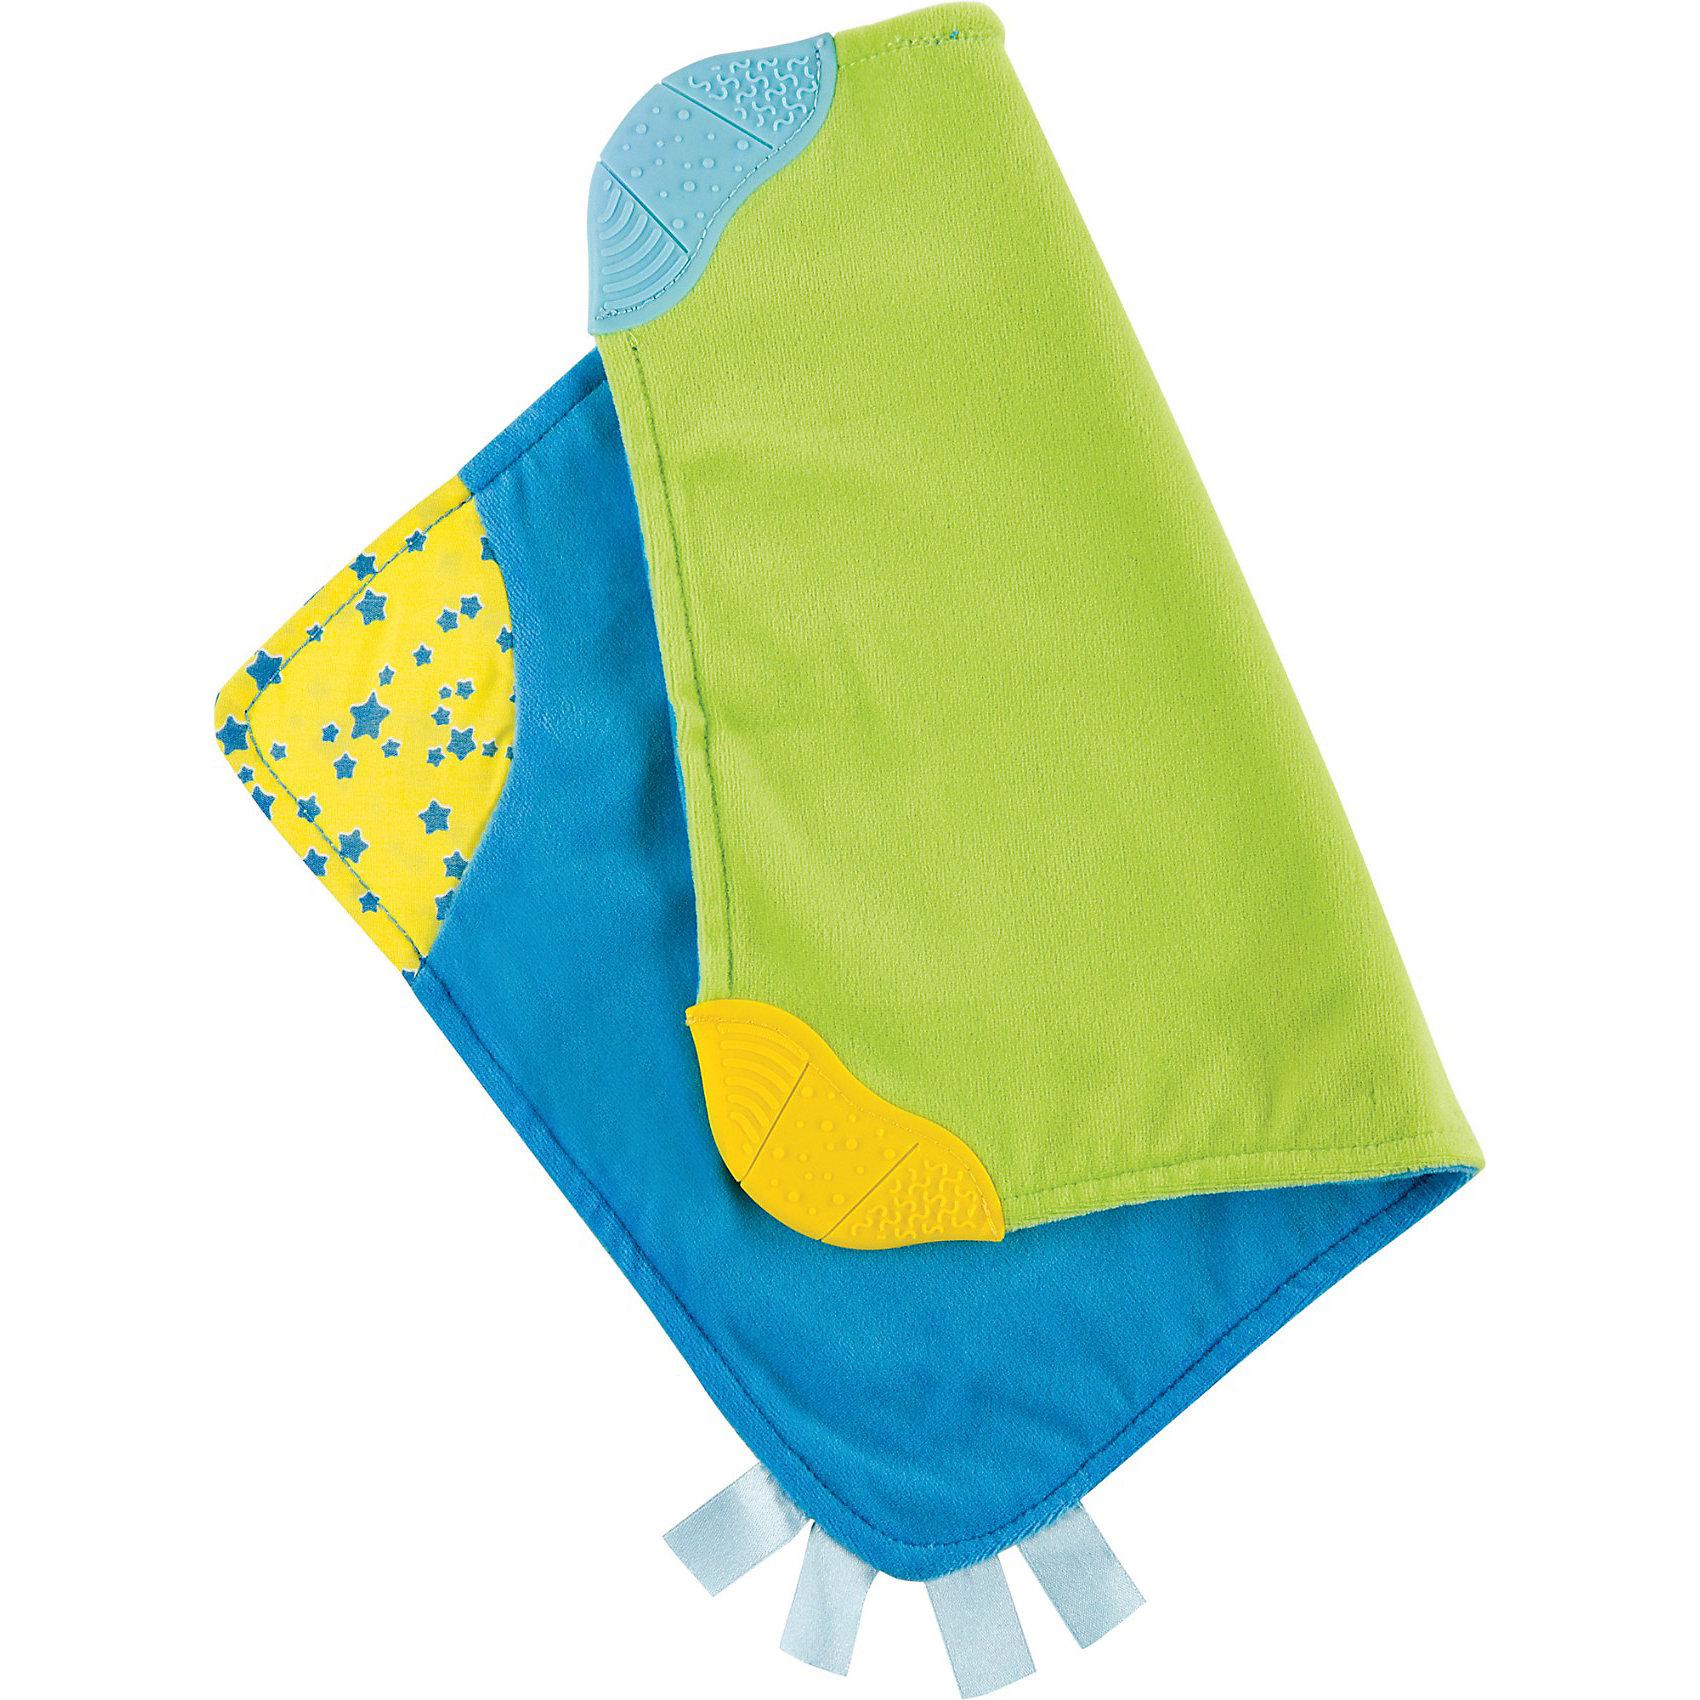 Платочек-прорезыватель,  Happy BabyПрорезыватели<br>Платочек-прорезыватель,  Happy Baby (Хэппи Беби) – это первая игрушка прорезыватель для вашего малыша.<br>Платочек-прорезыватель, Happy Baby (Хэппи Беби) из мягкой ткани поможет успокоить плачущего малыша. Два текстурированных участка для жевания, гибкие углы и яркие цветные сатиновые ленты сделают эту игрушку любимой для ребенка. Платочек массирует десны, проникает в труднодоступные места ротовой полости, усиливает слюноотделение и предотвращает кариес, развивает тактильные навыки и слуховое восприятие.<br><br>Дополнительная информация:<br><br>- Материал: полиэстер, этиленвинилацетат<br>- Размер: 35 х 25 см.<br>- Размер упаковки: 24 x 14,5 x 1 см.<br><br>Платочек-прорезыватель,  Happy Baby (Хэппи Беби) можно купить в нашем интернет-магазине.<br><br>Ширина мм: 240<br>Глубина мм: 10<br>Высота мм: 145<br>Вес г: 628<br>Возраст от месяцев: 1<br>Возраст до месяцев: 36<br>Пол: Унисекс<br>Возраст: Детский<br>SKU: 3918476